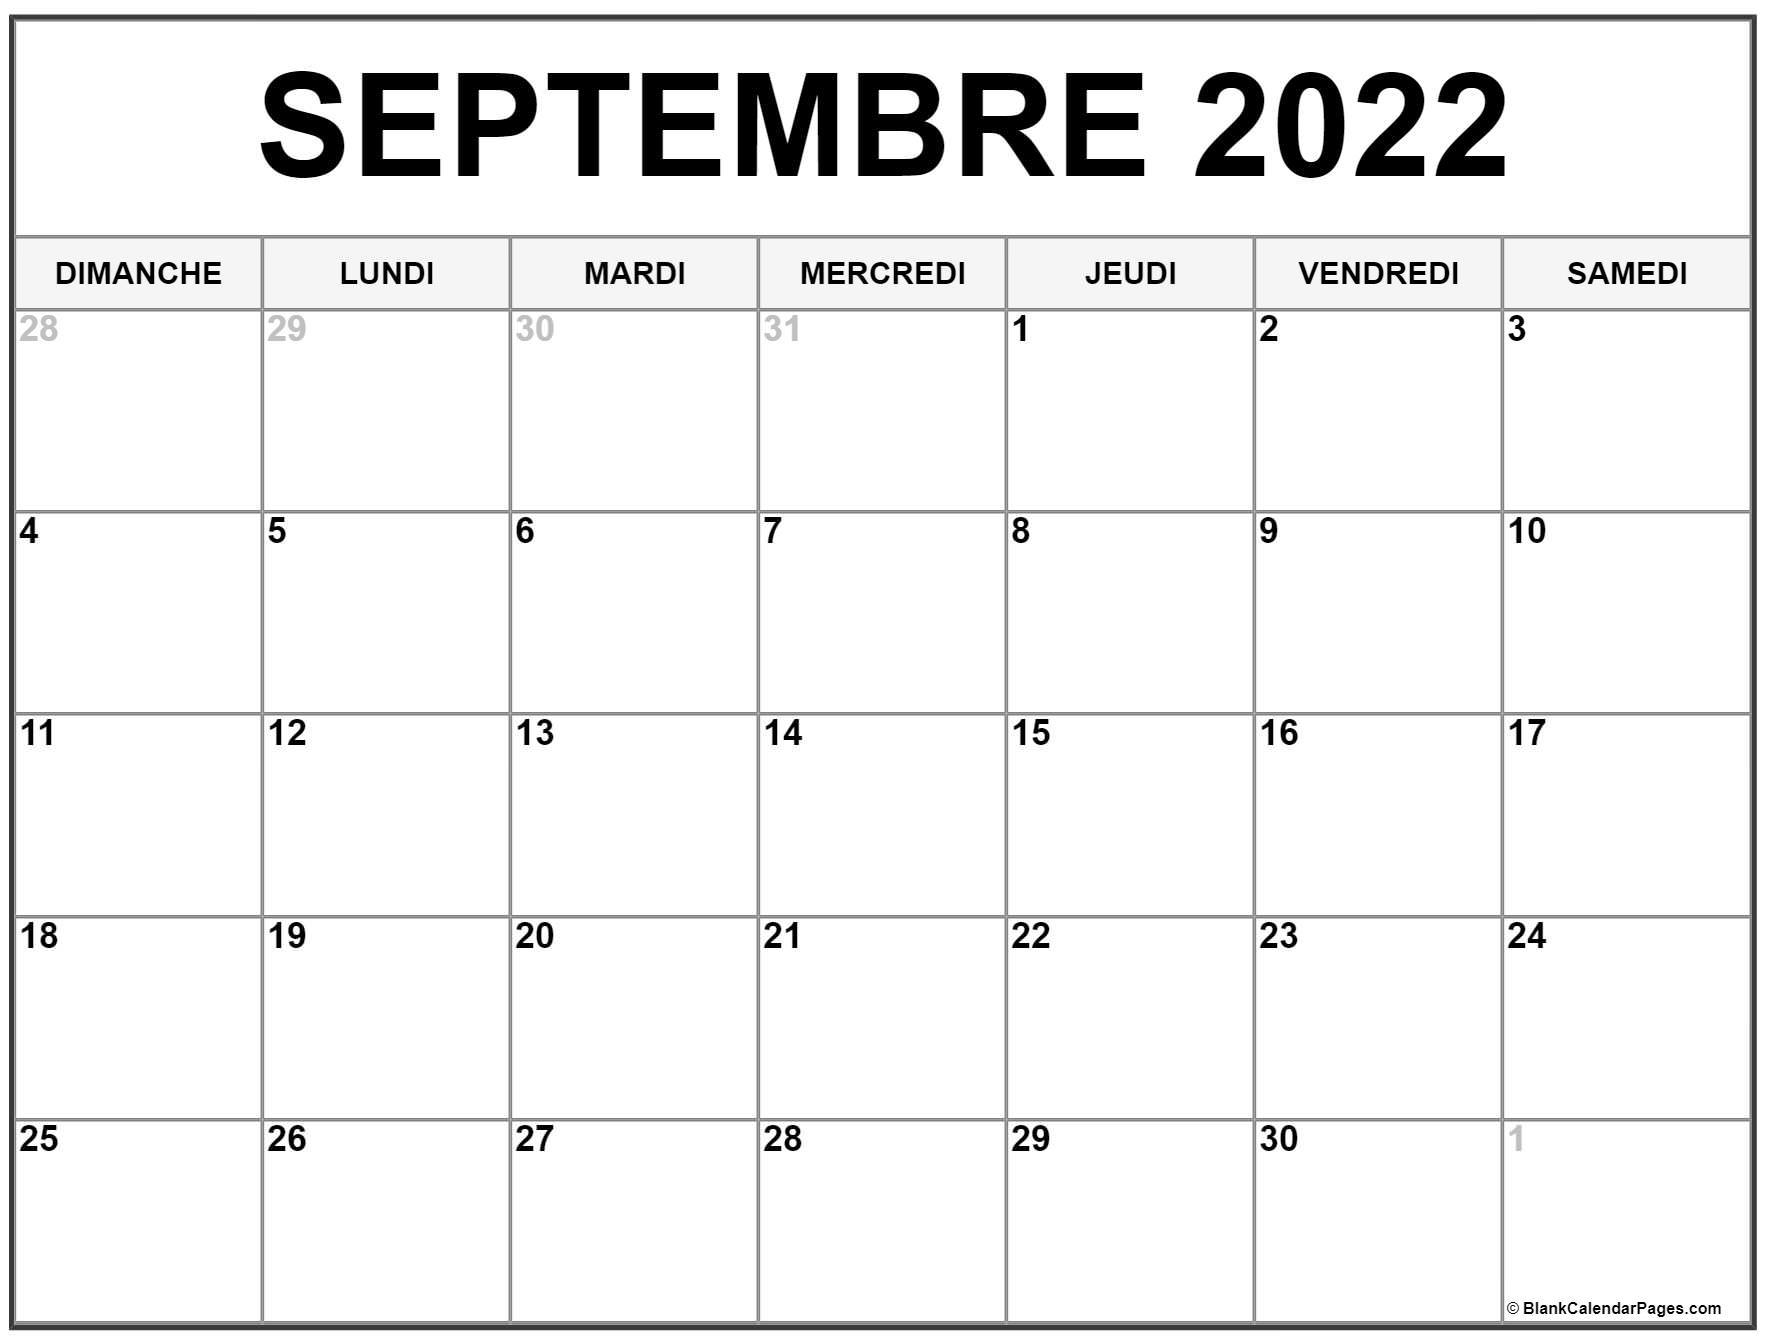 Calendrier Septembre 2022 à Imprimer Gratuit septembre 2022 calendrier imprimable | Calendrier gratuit